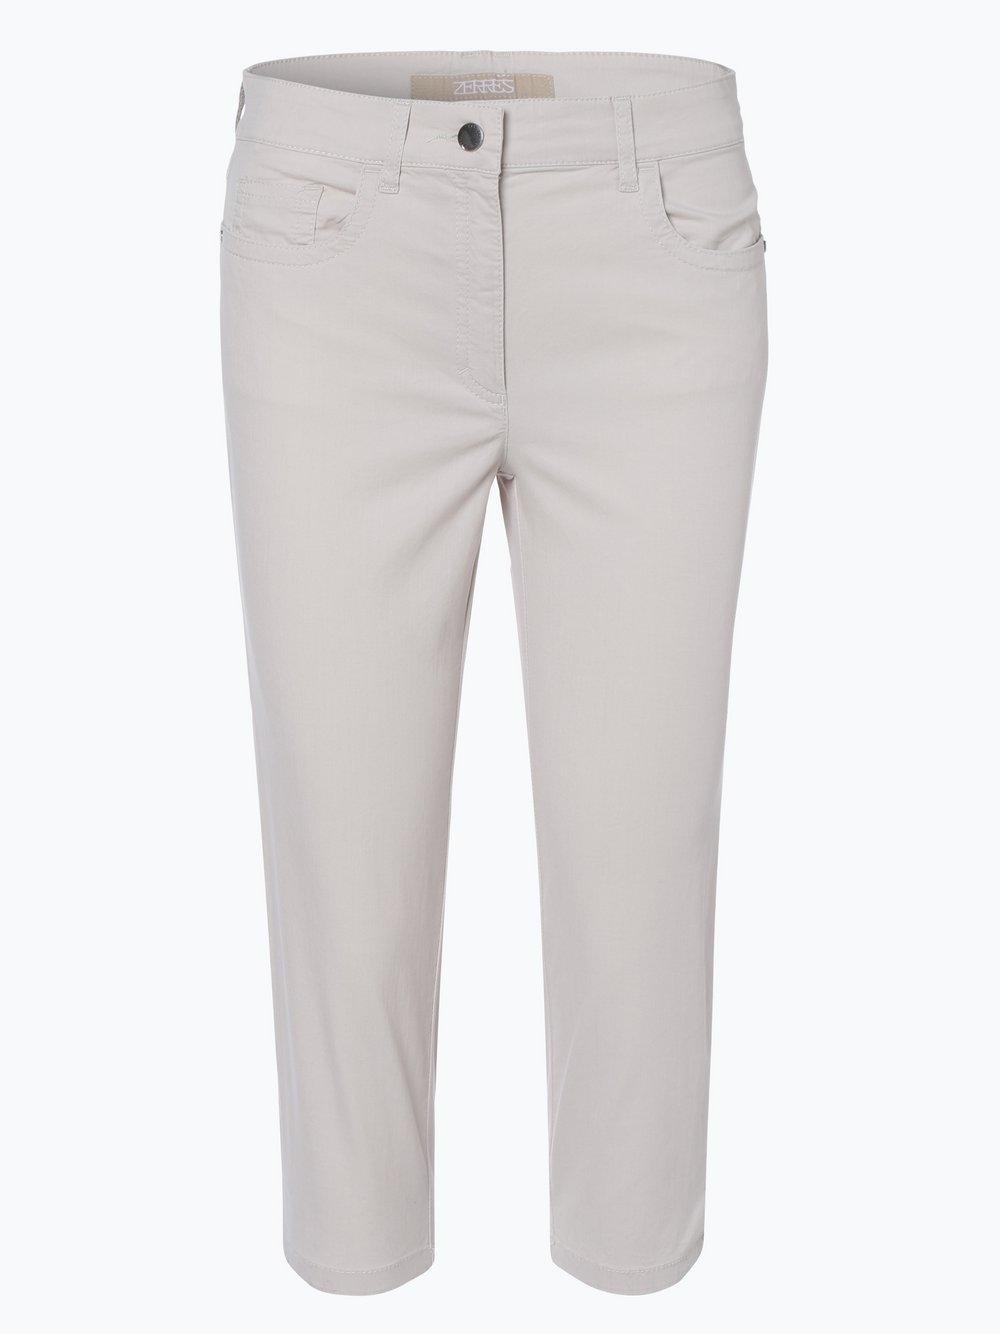 Zerres – Spodnie damskie – Cora, beżowy Van Graaf 404912-0001-00360